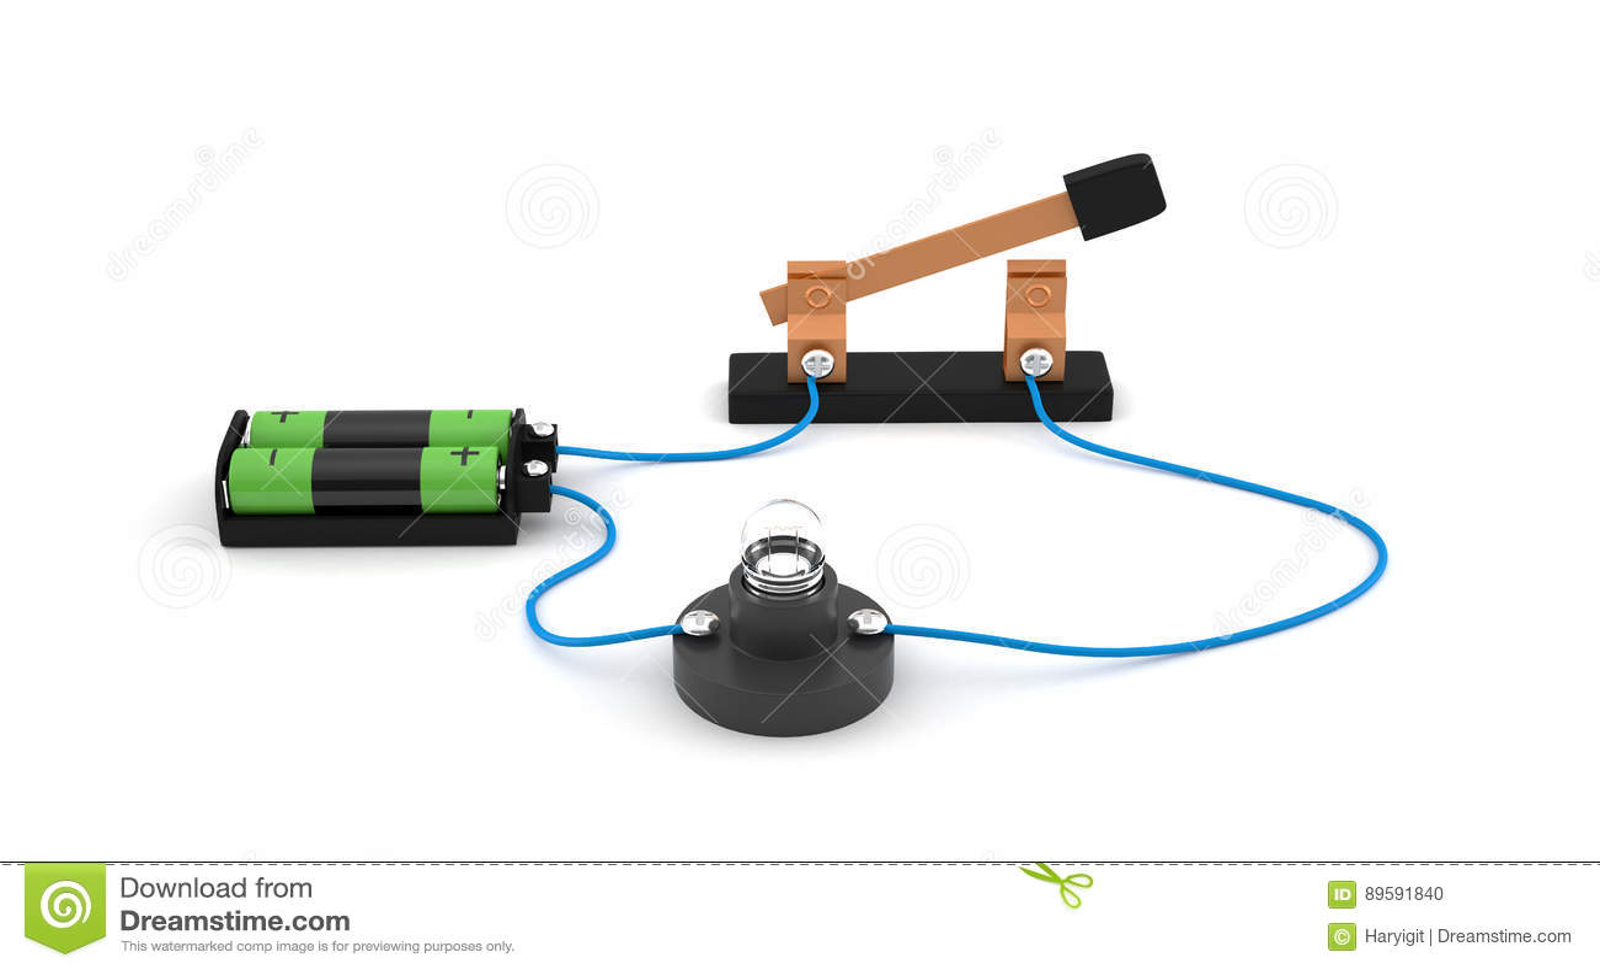 Circuito Abierto : Interruptor abierto de la demostración del circuito eléctrico